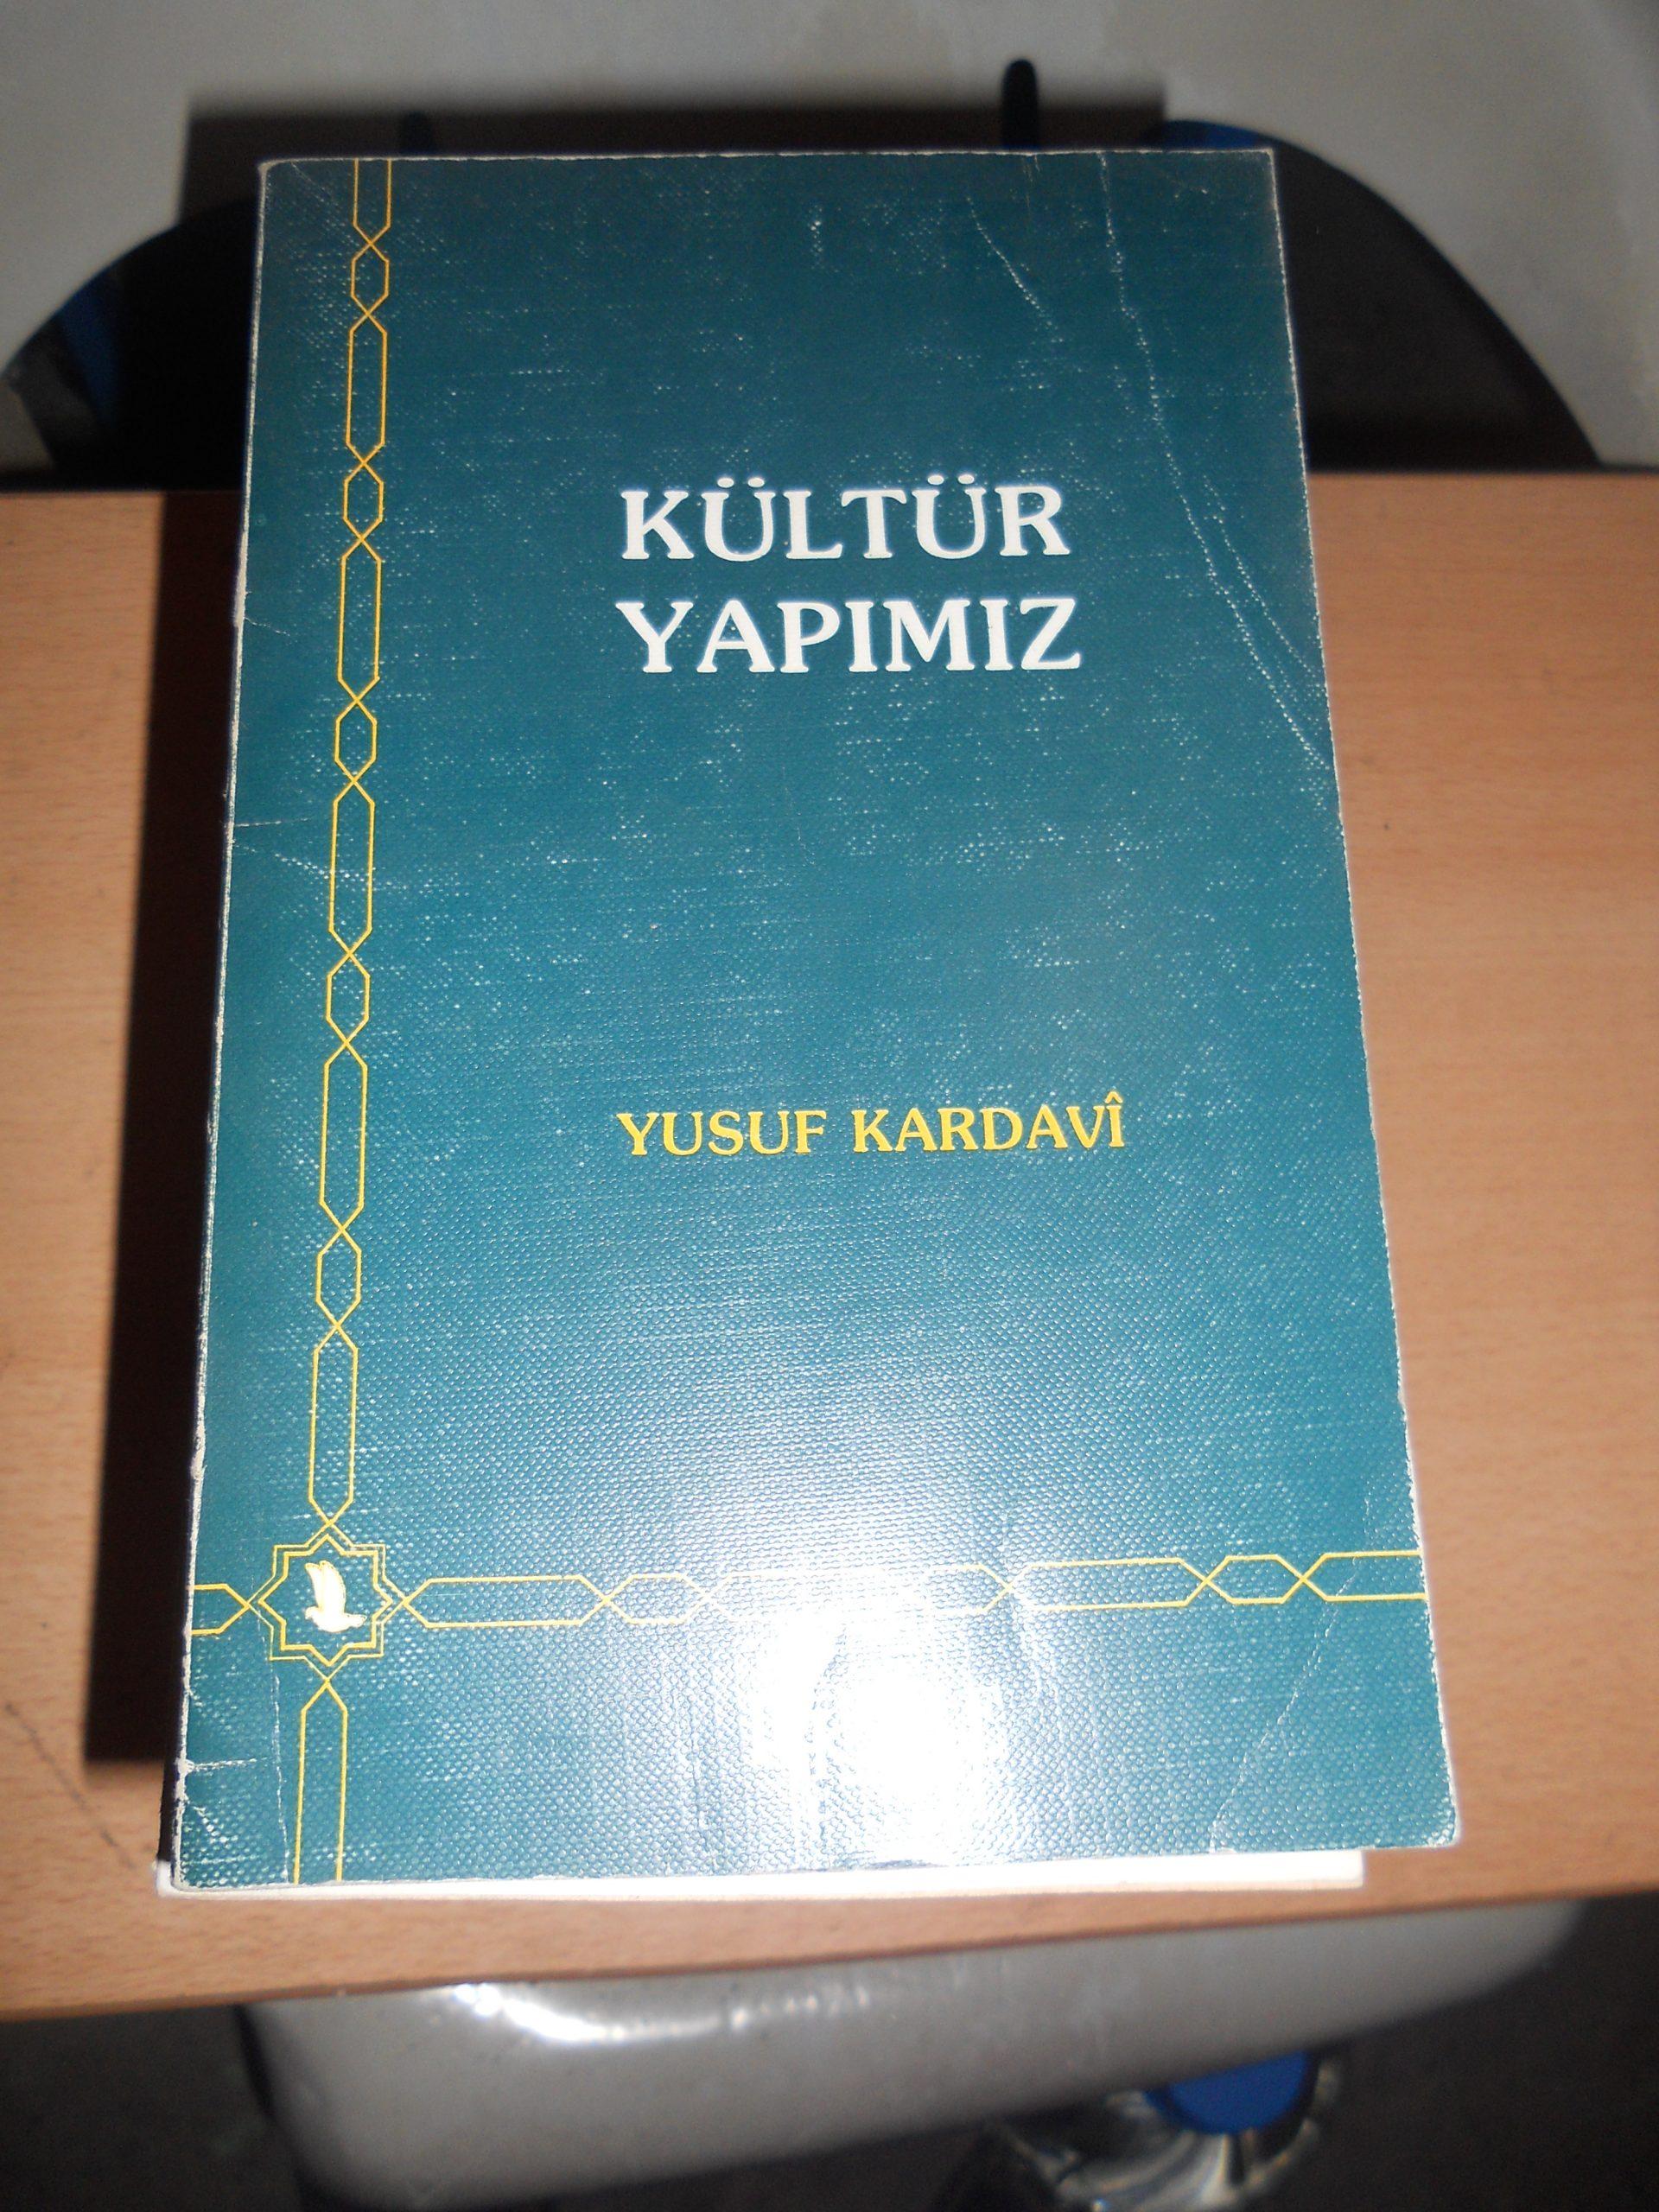 KÜLTÜR YAPIMIZ /Yusuf KARDAVİ/ 10 TL